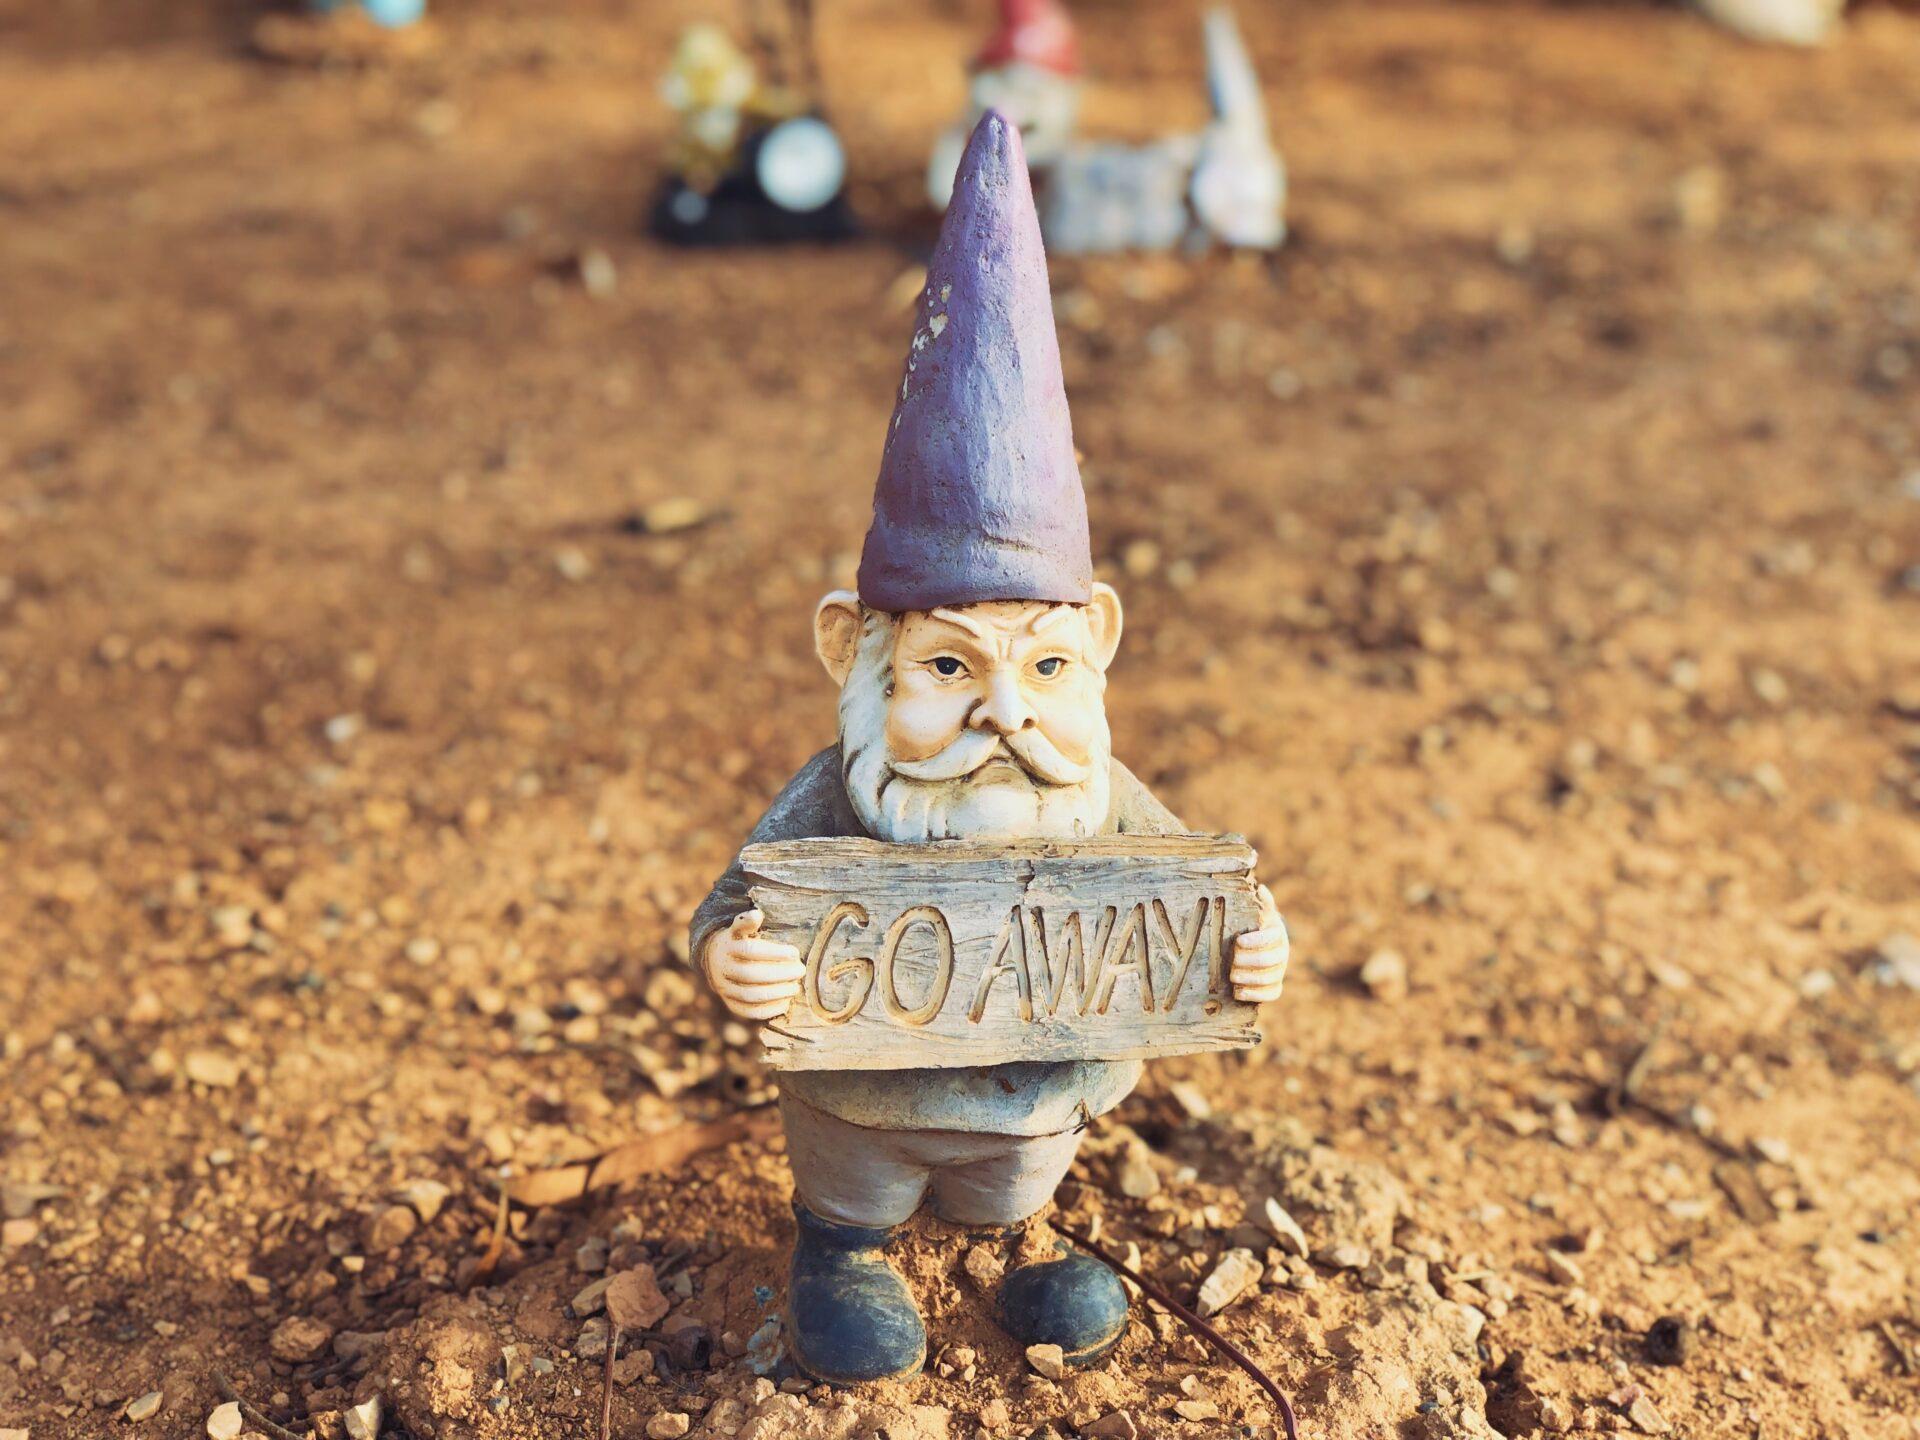 Garden gnome with a go away sign